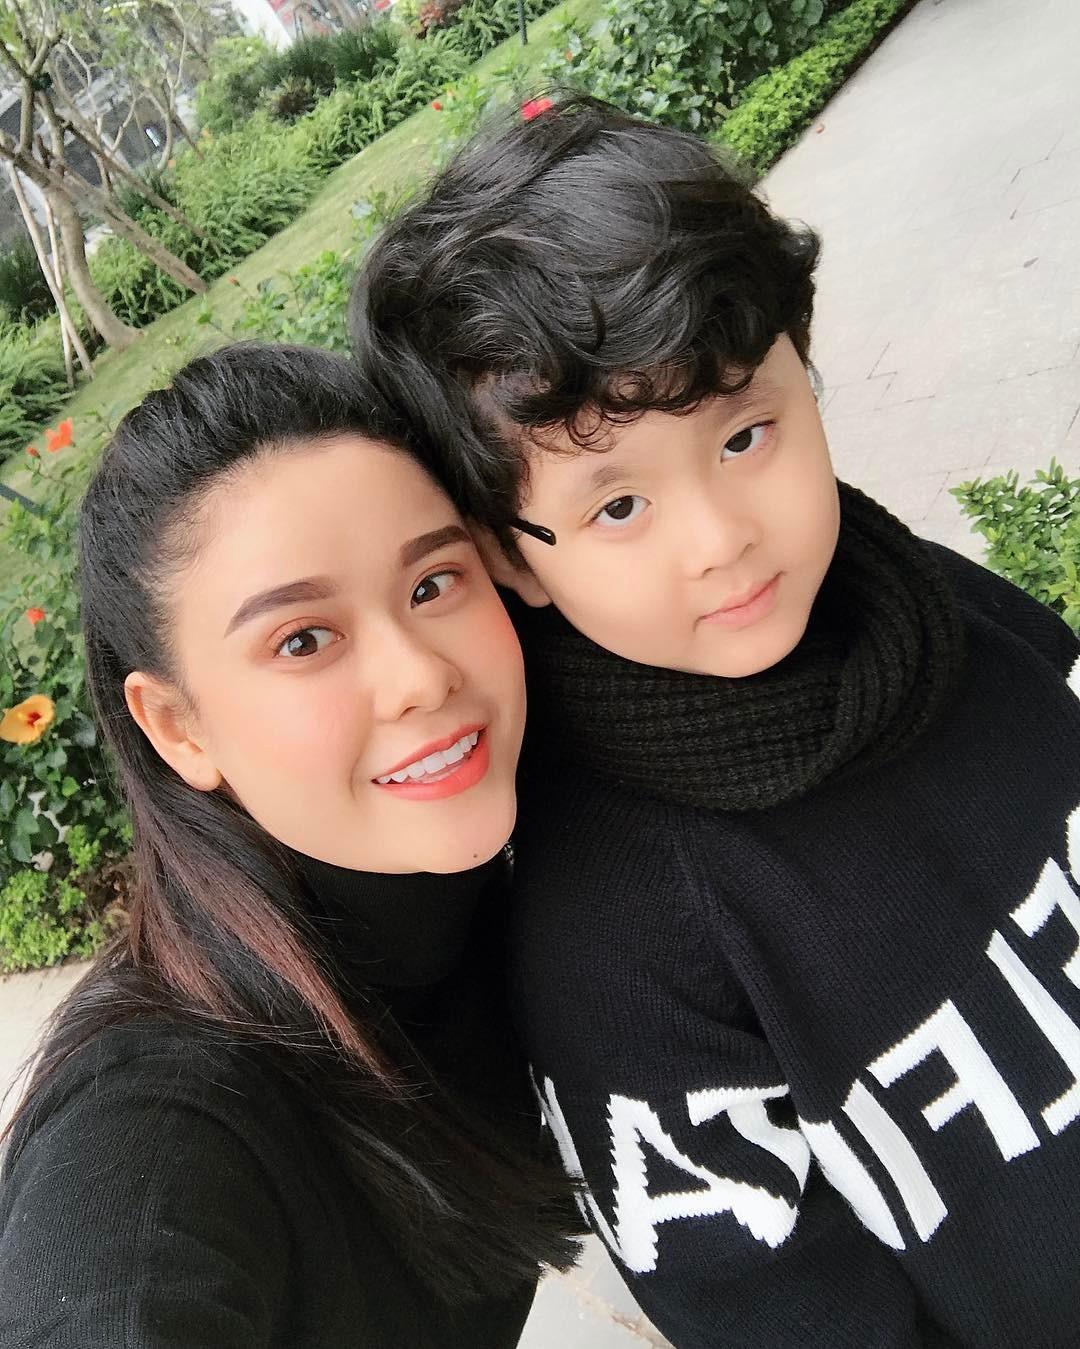 Tin sao Việt: Hồ Quang Hiếu tự nhận mình hơi... bê đê trong bức ảnh bị chụp trộm-11